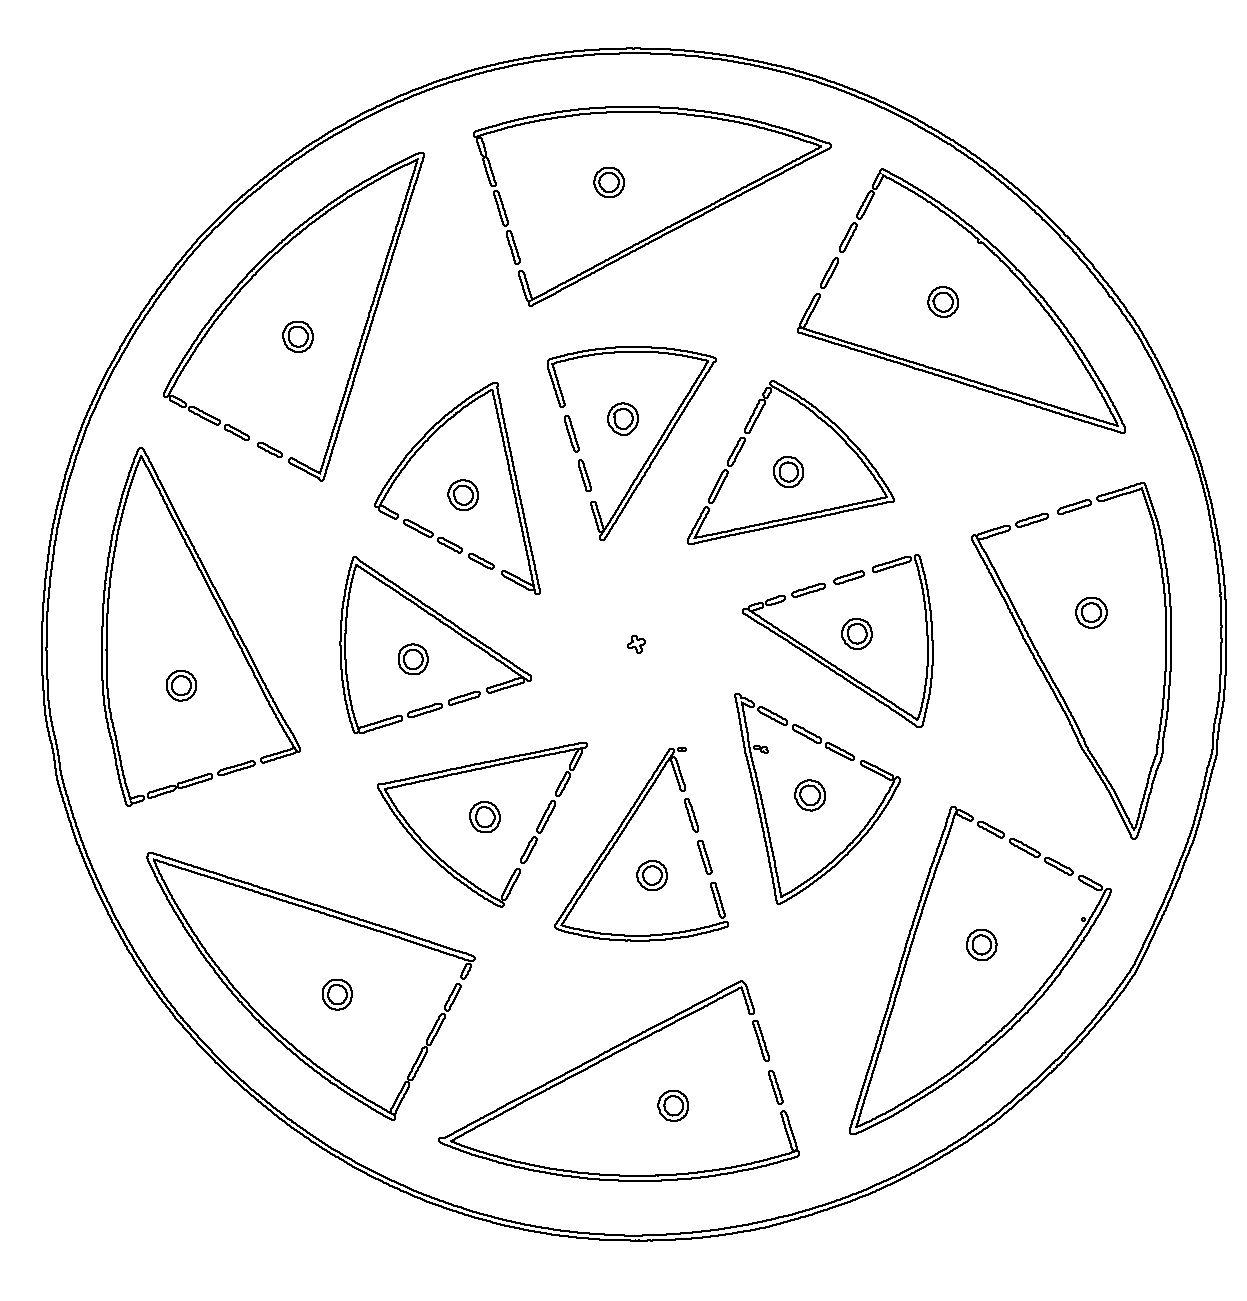 pinwheel | artes manuales | Pinterest | Remolinos, Arte manual y Hippies